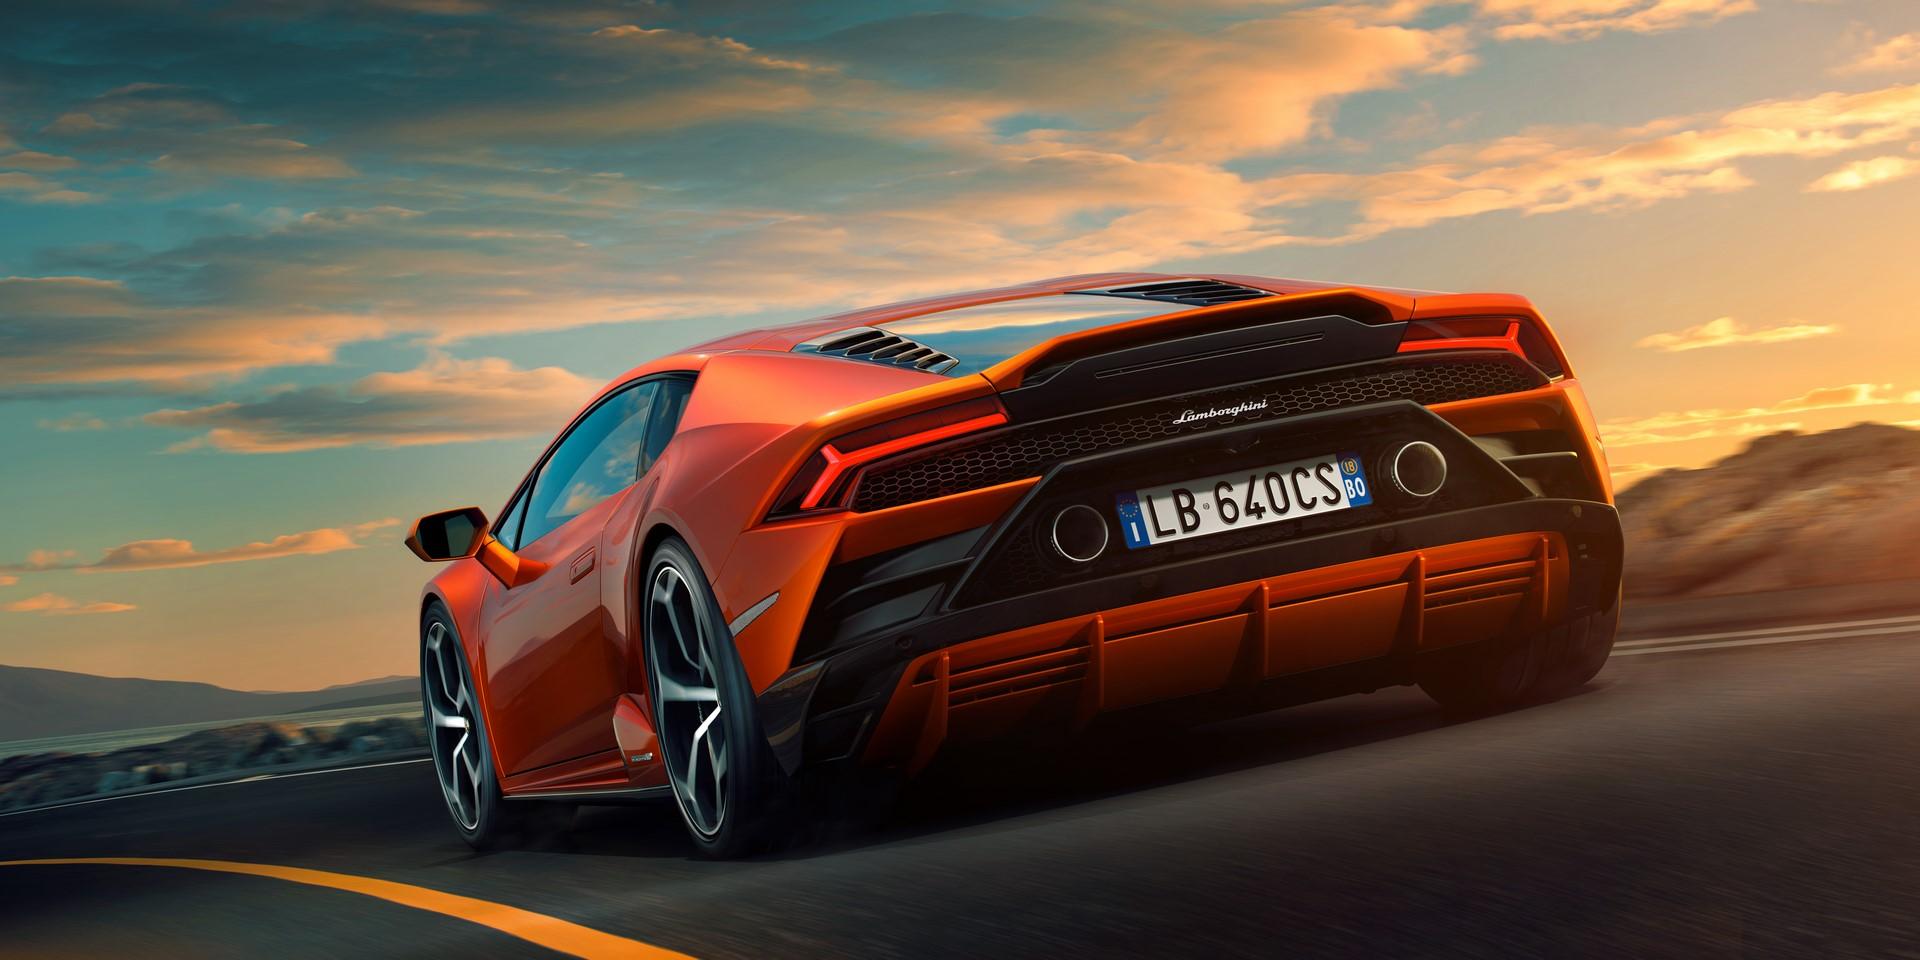 Lamborghini Huracan Evo 2019 (26)